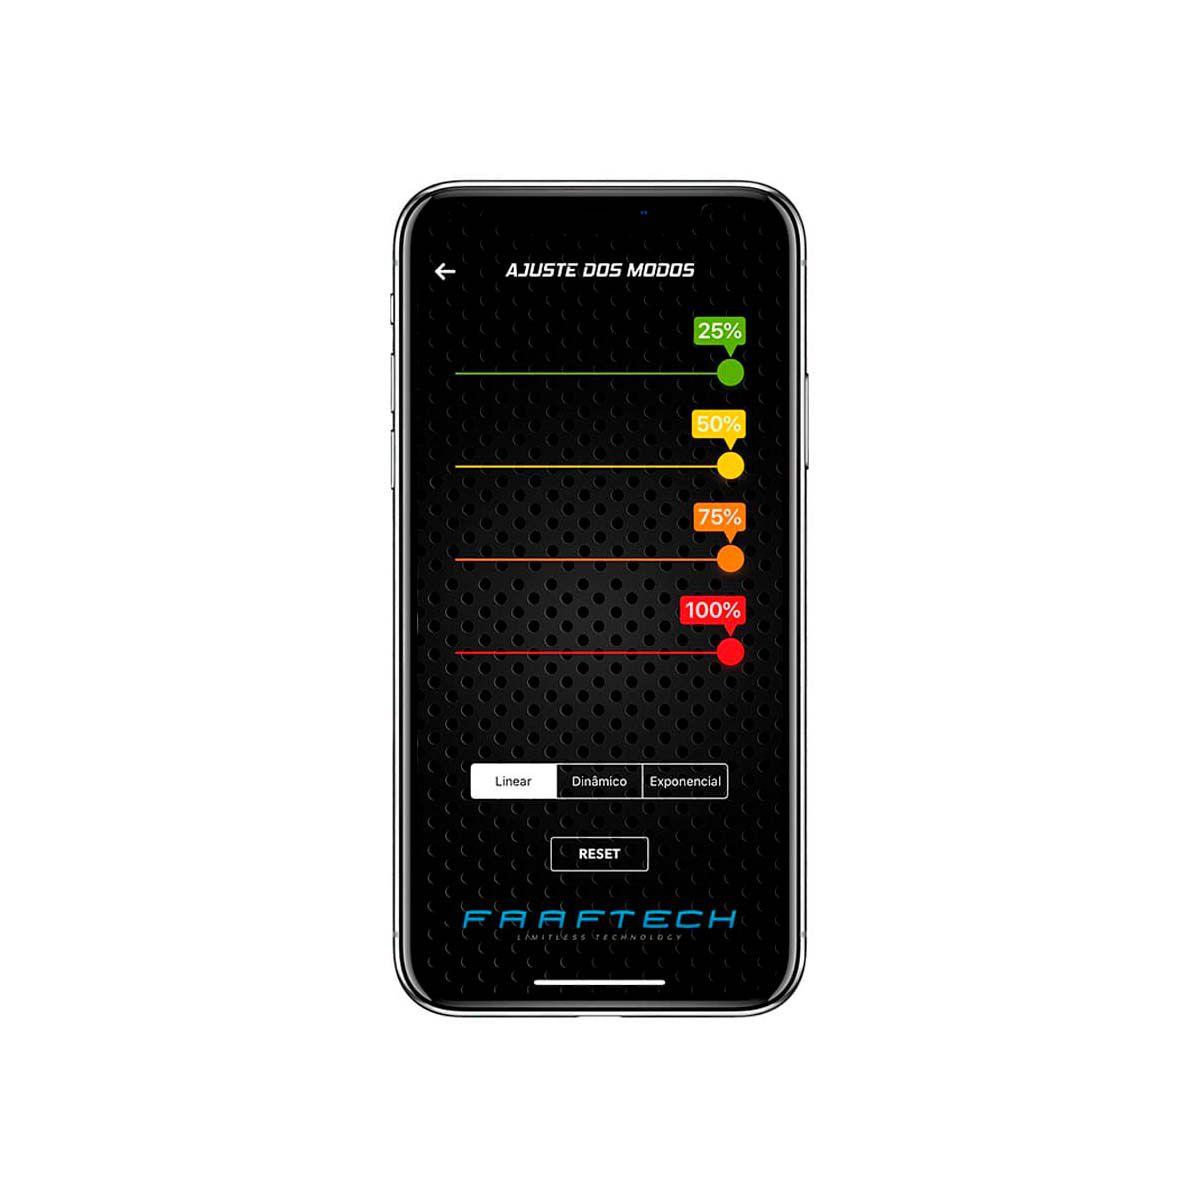 Shift Power Novo 4.0+ Volkswagen Lifan Porsche Chip Acelerador Plug Play Bluetooth Faaftech FT-SP10+